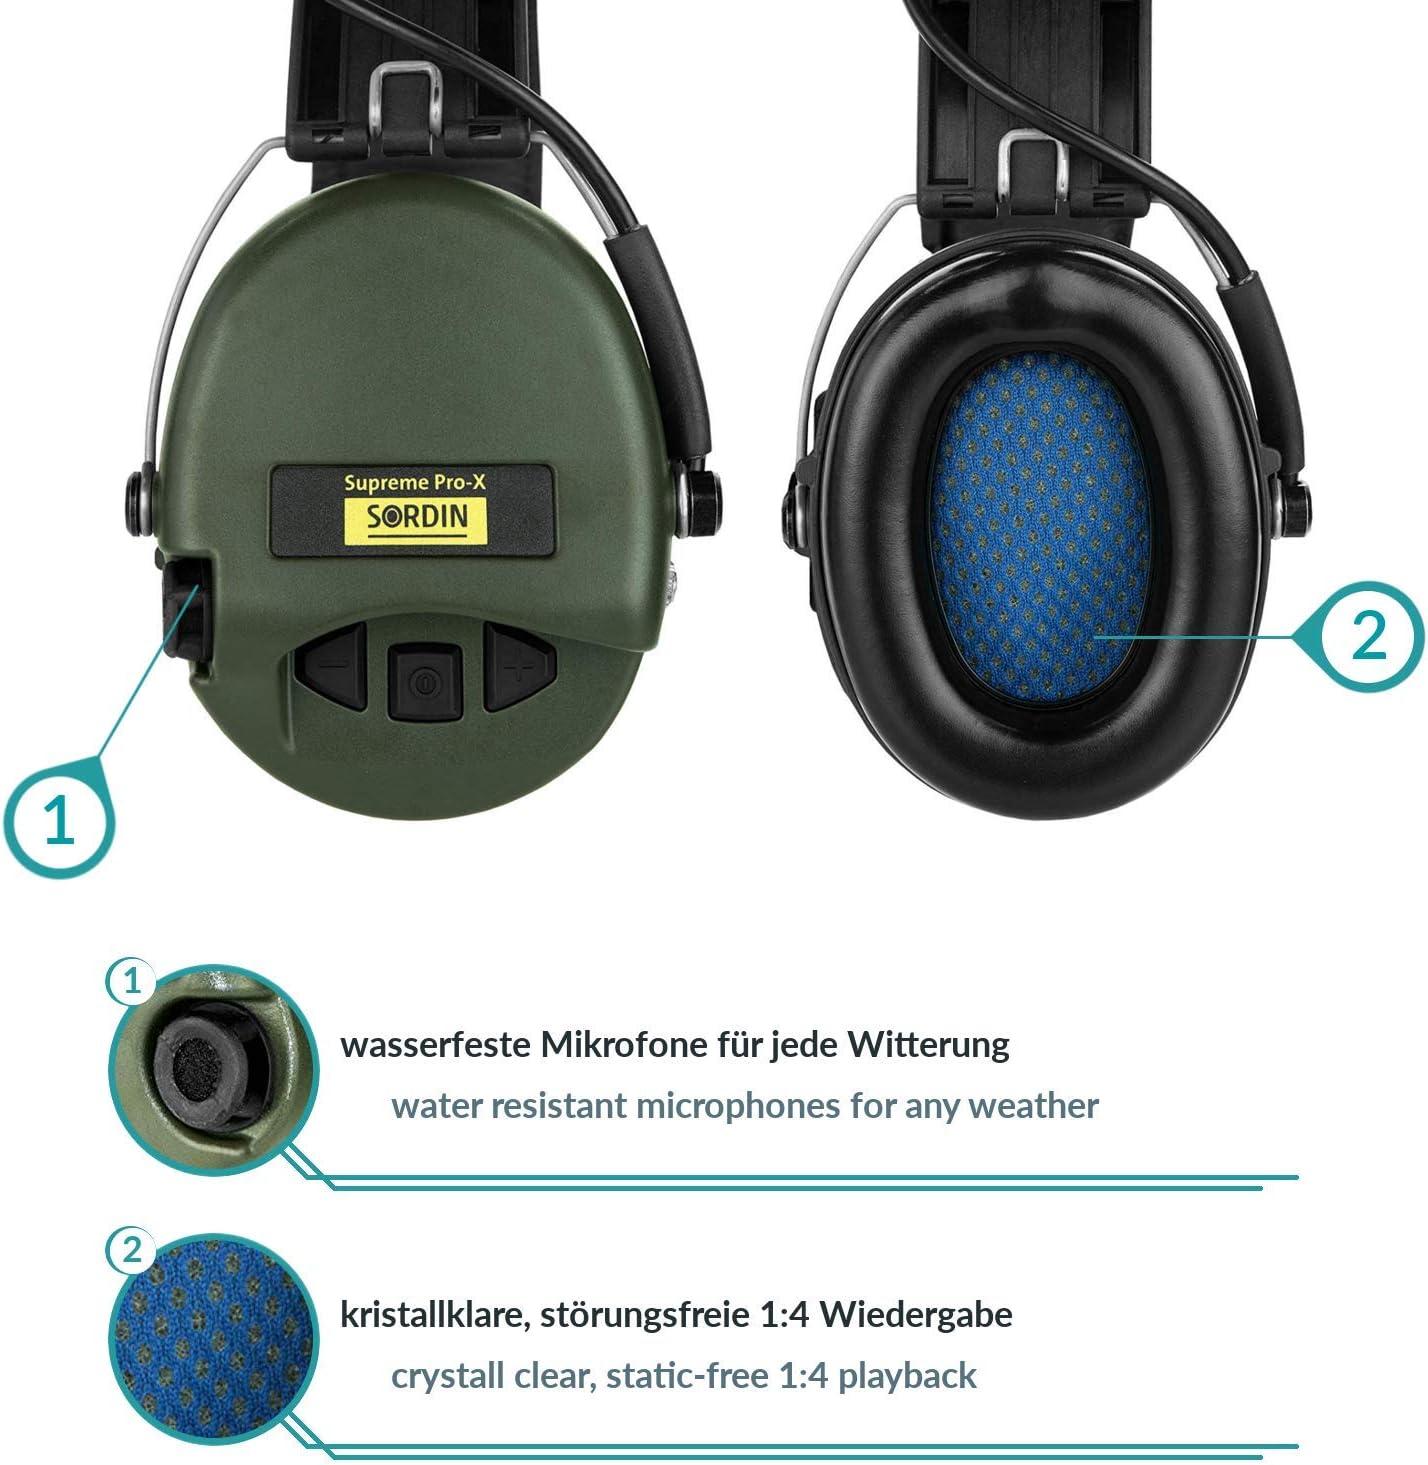 Protection Auditive SOR75302-X//L Sordin Supreme Pro X Casques Antibruit /Électroniques /à Forte Att/énuation Coques doreilles Vertes